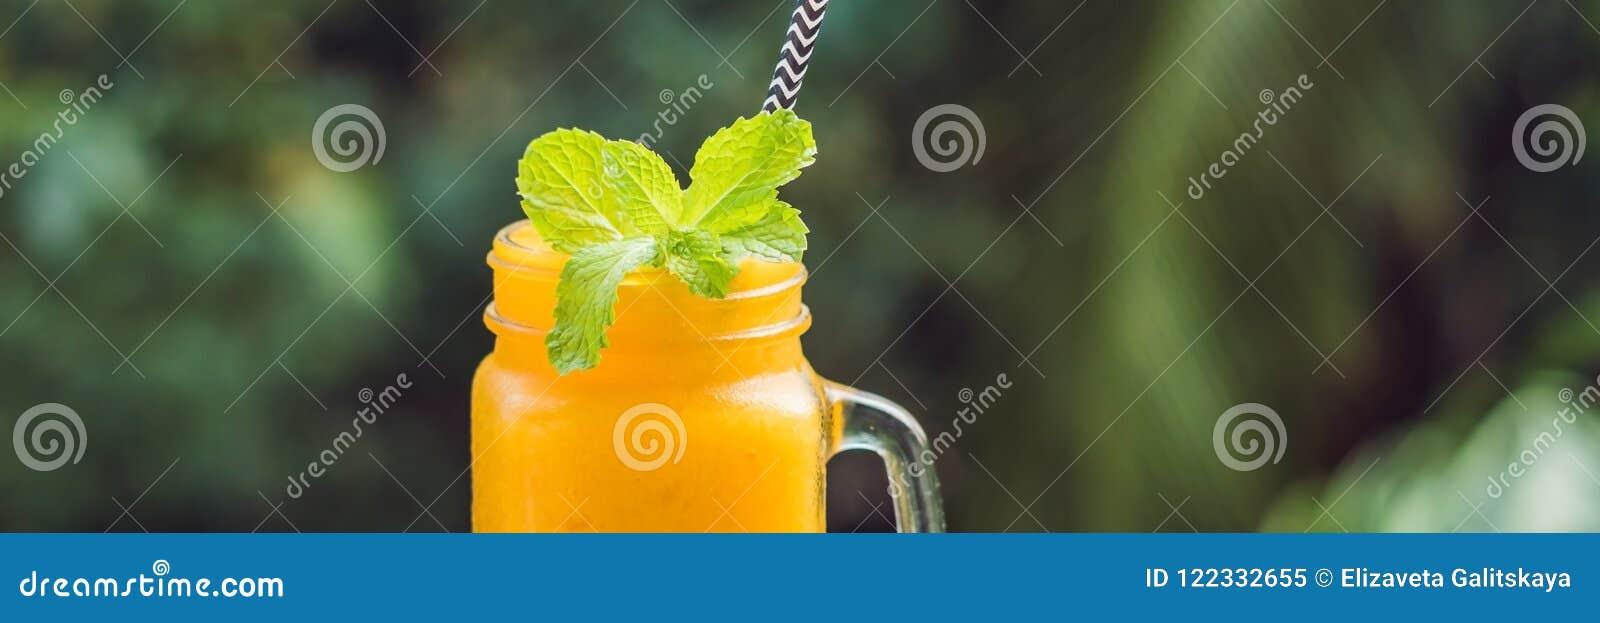 在玻璃金属螺盖玻璃瓶和芒果的芒果圆滑的人在绿色背景 芒果震动 热带水果概念横幅,长的格式